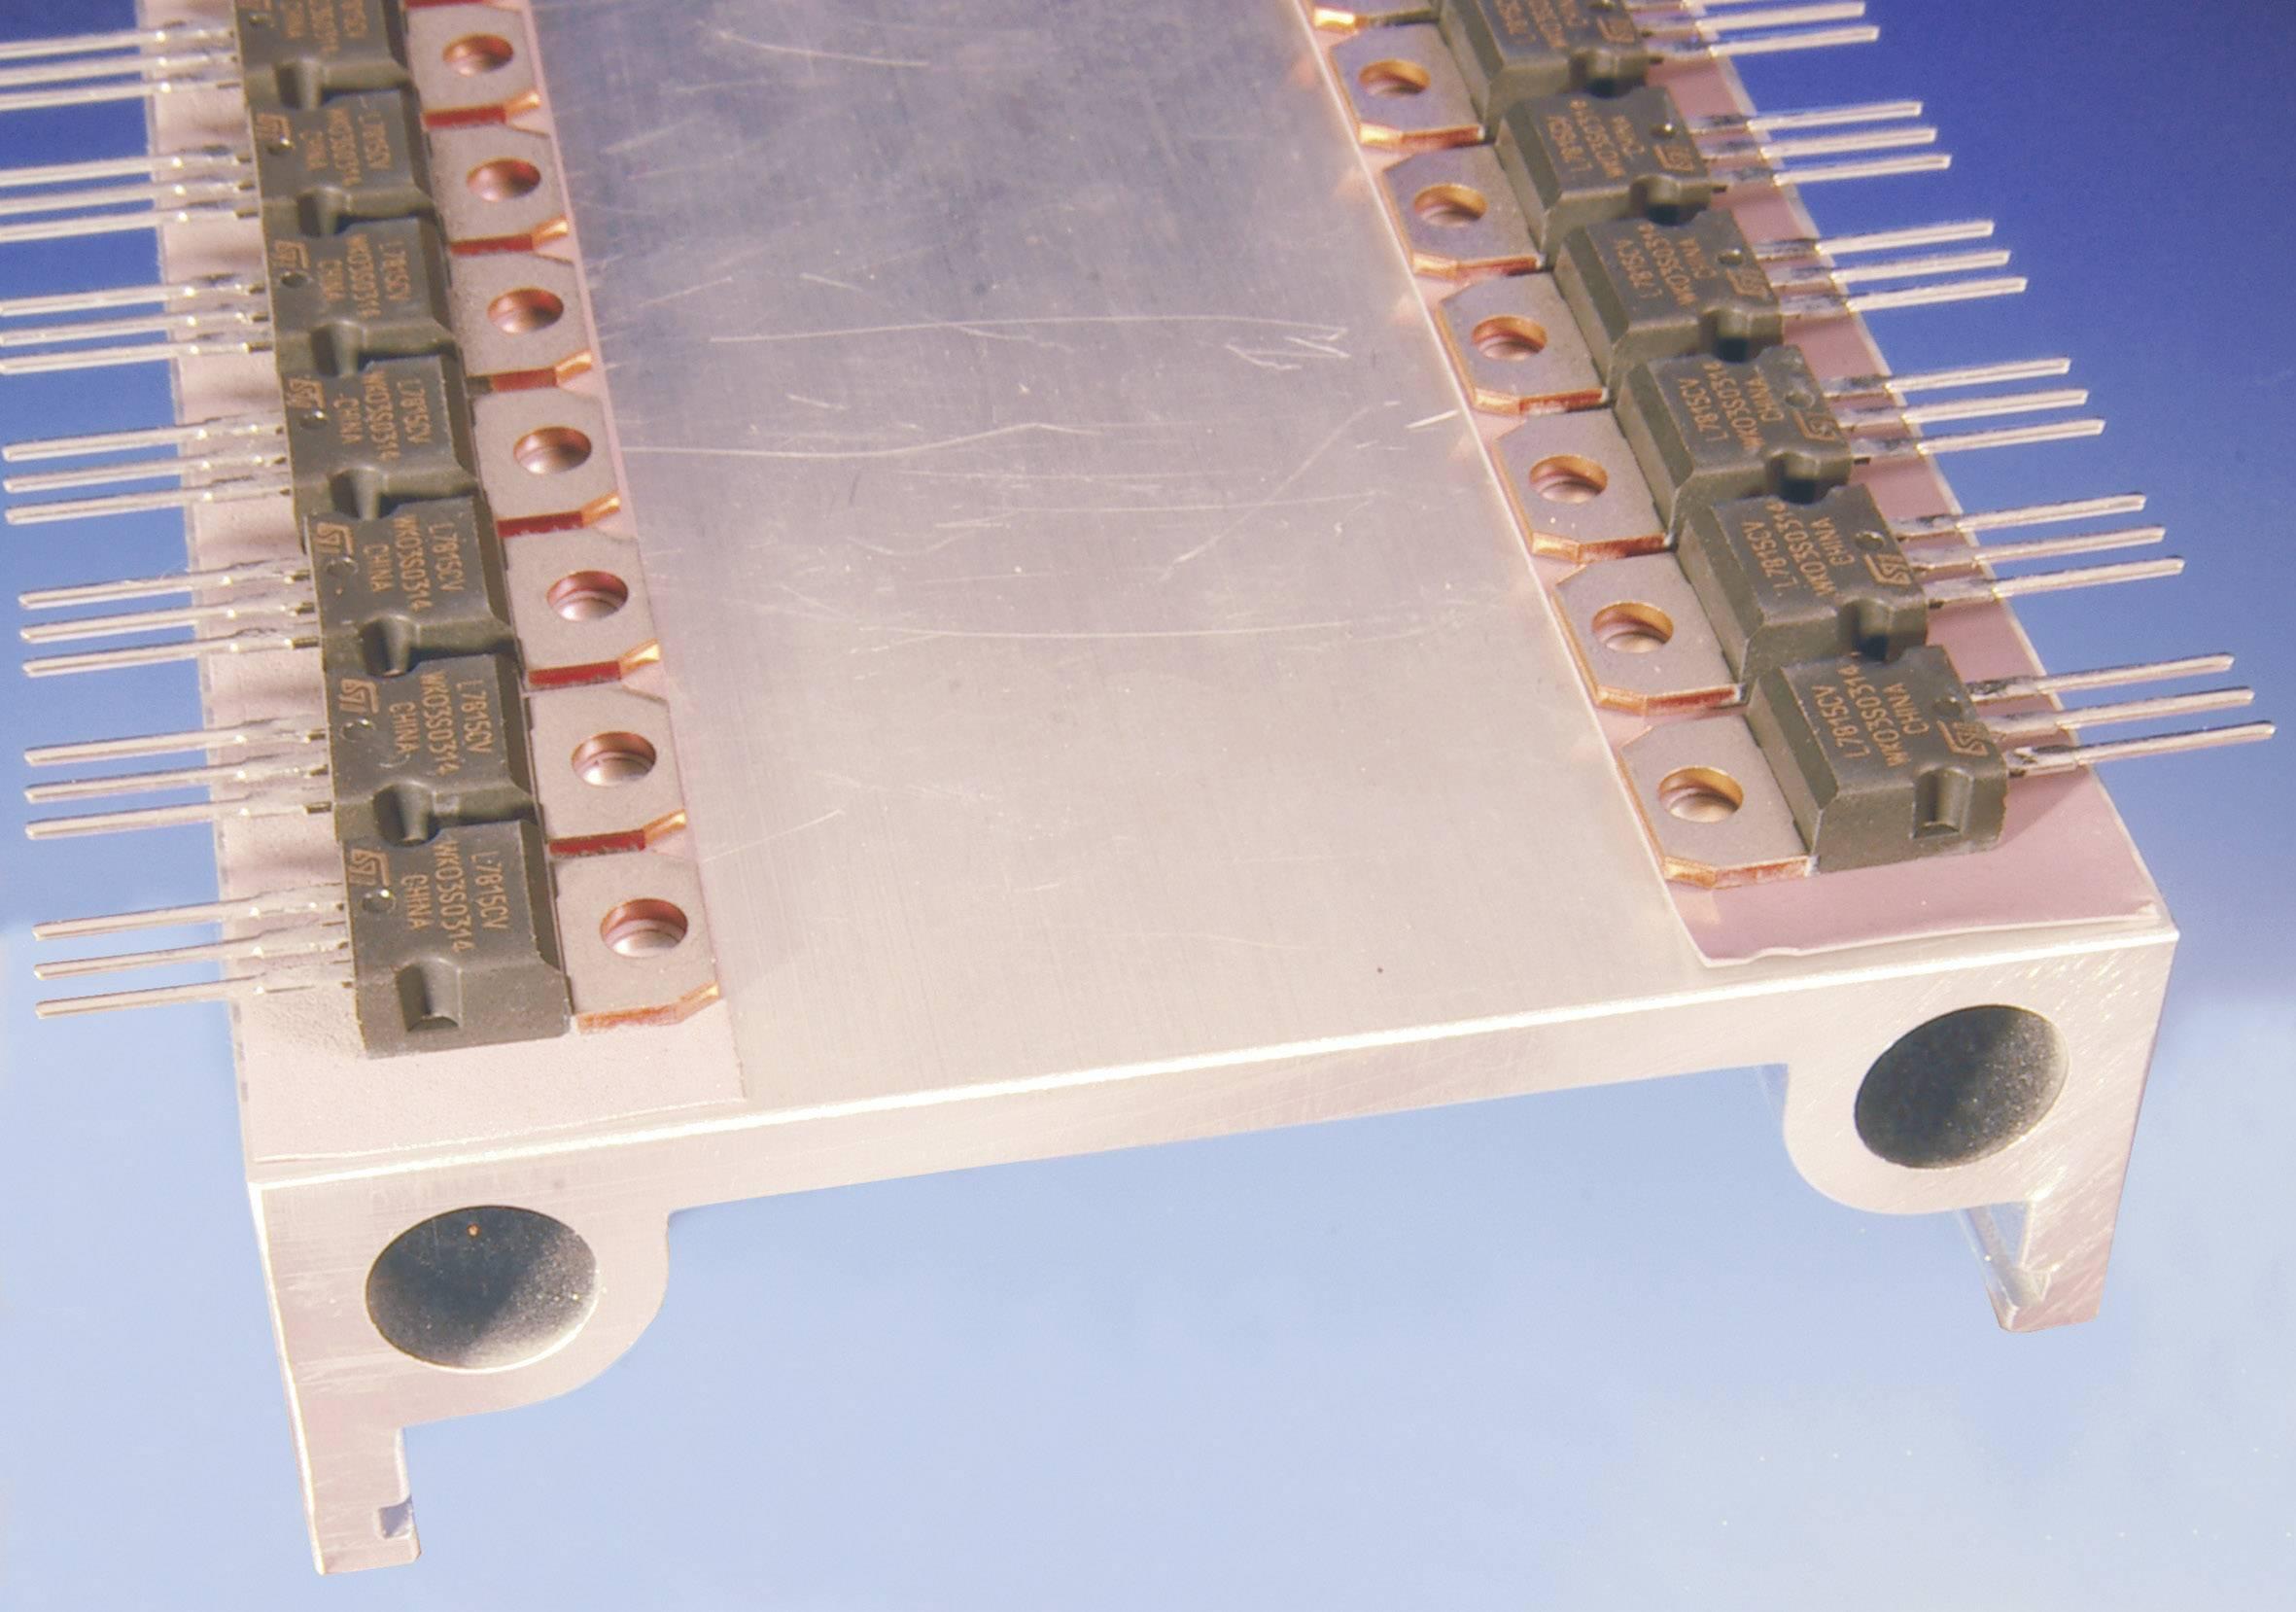 Teplovodivá fólia Kerafol KERATHERM czerwony 86/82, 0.25 mm, 6.5 W/mK, (d x š) 190 mm x 190 mm